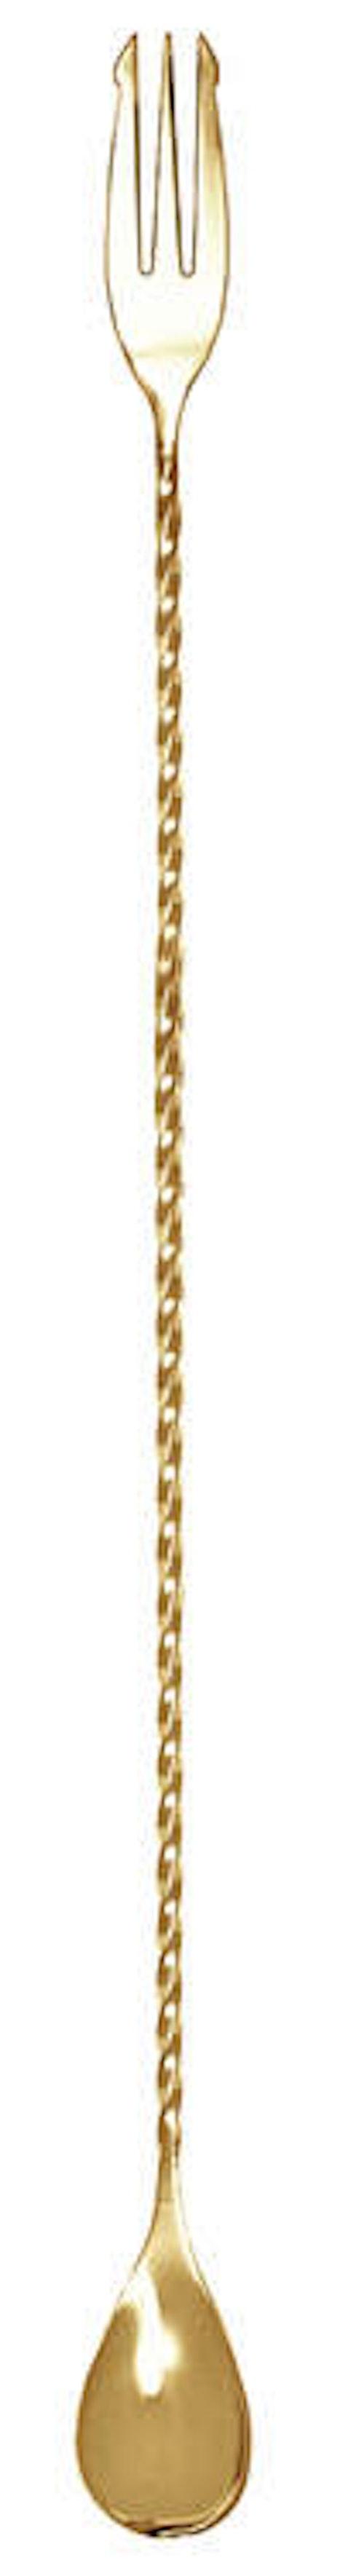 BARROFESSIONAL Speakeasy Barsked med gaffel - Guld